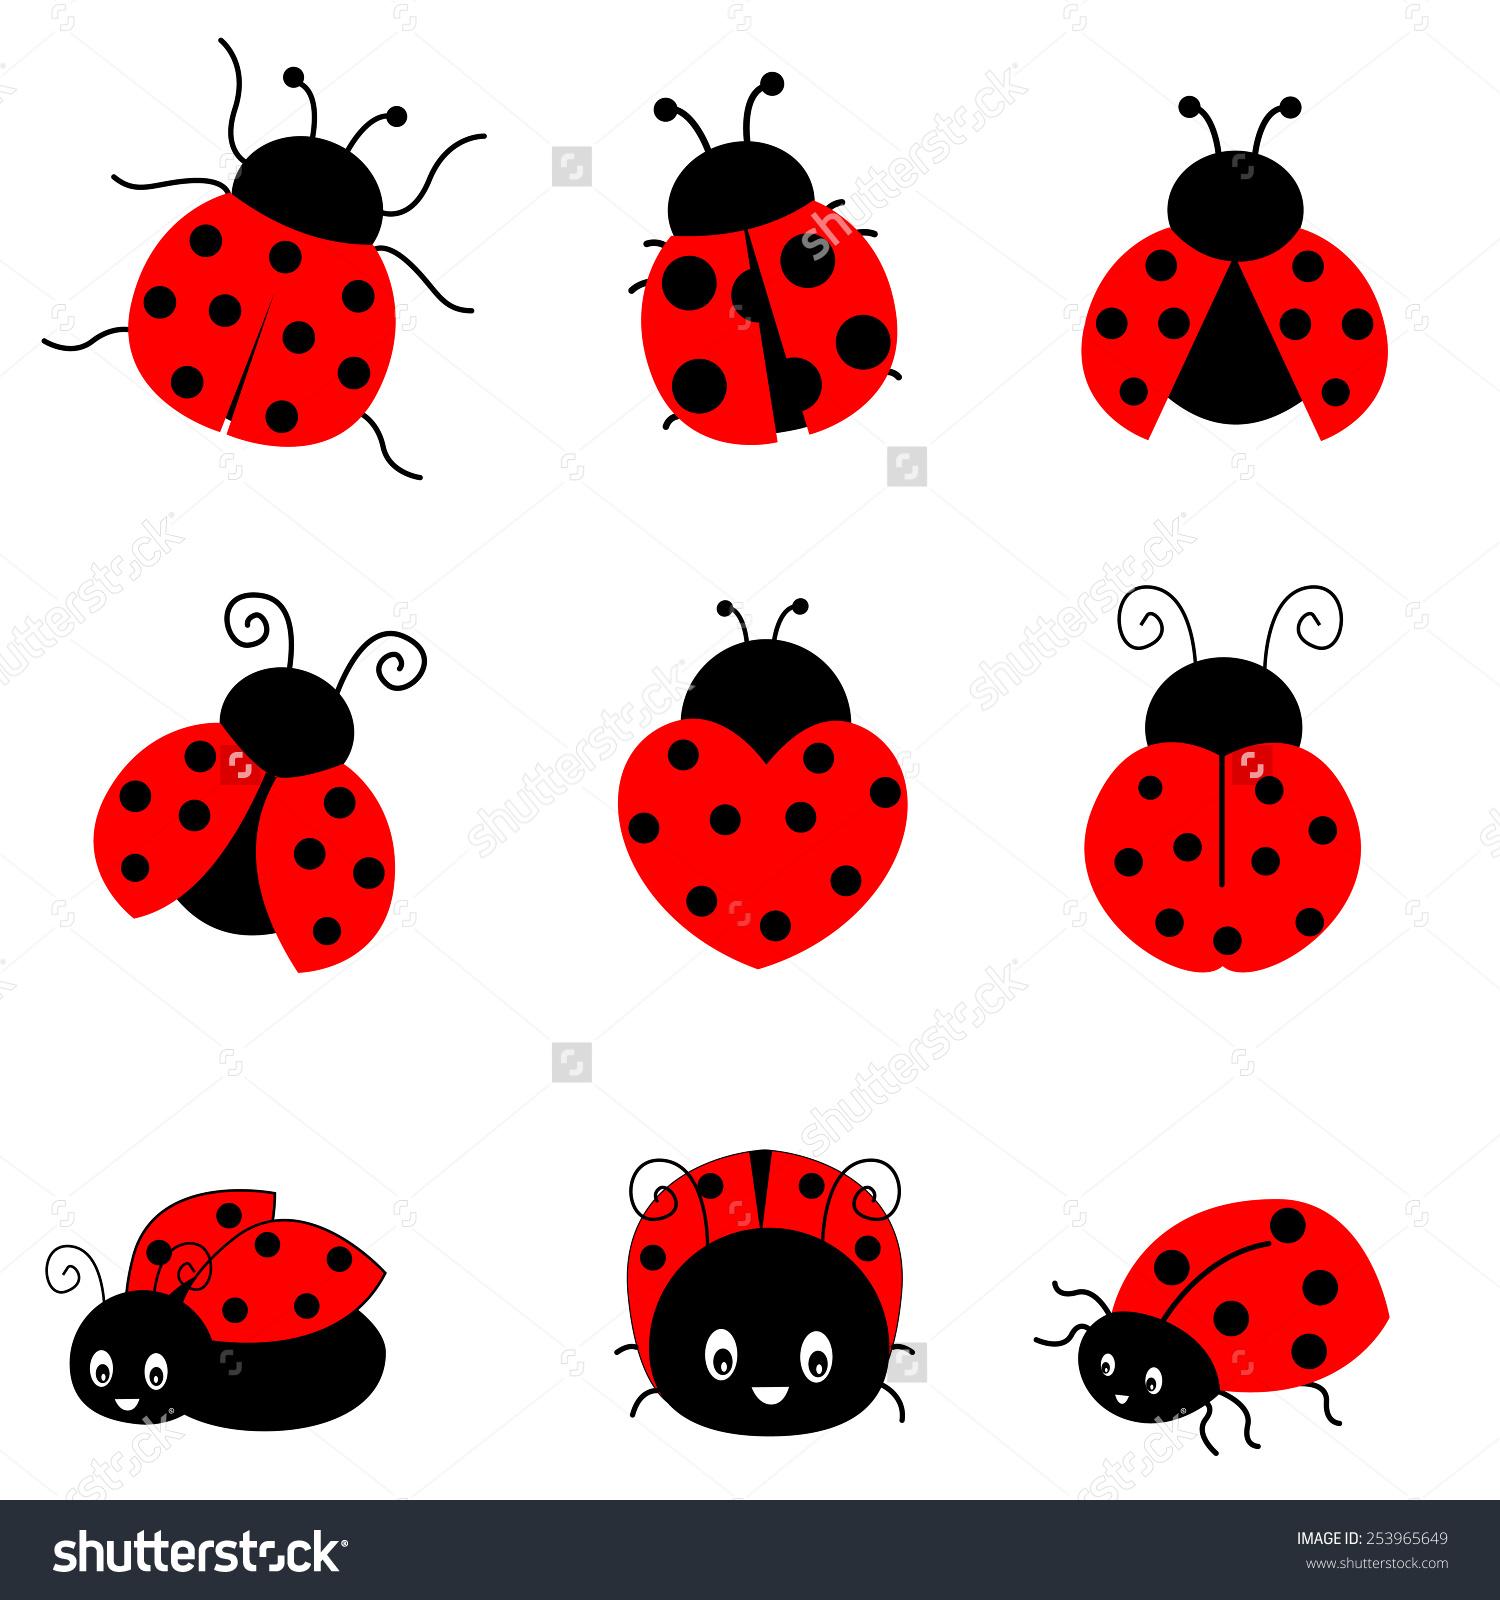 Simple clipart ladybug #2